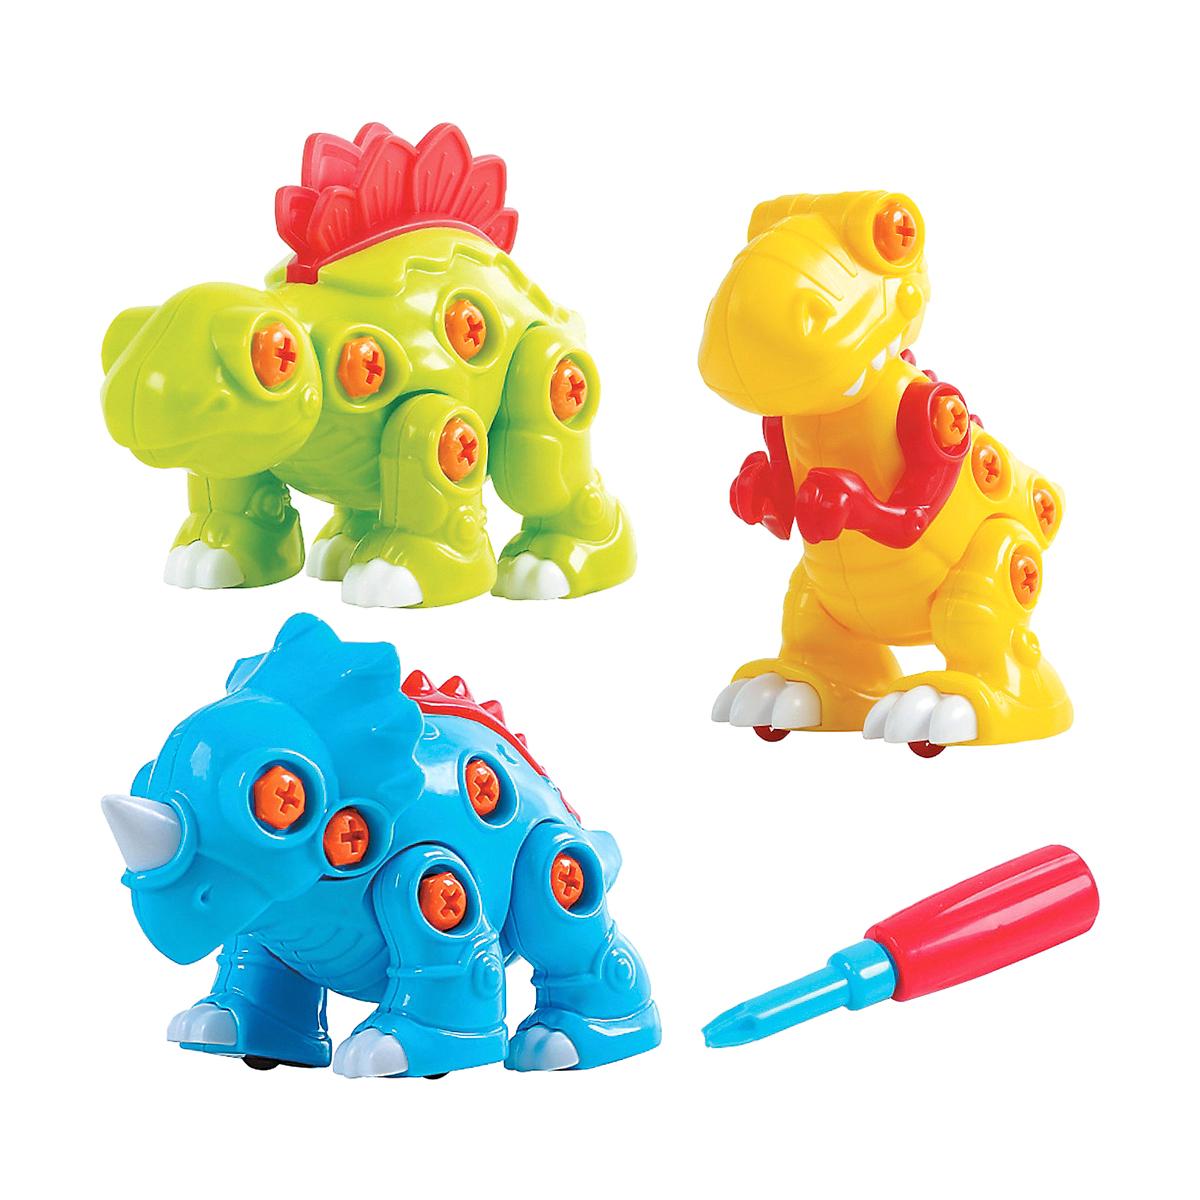 Игровой набор  Собери динозавра, 3 шт. - Конструкторы Bauer Кроха (для малышей), артикул: 155791